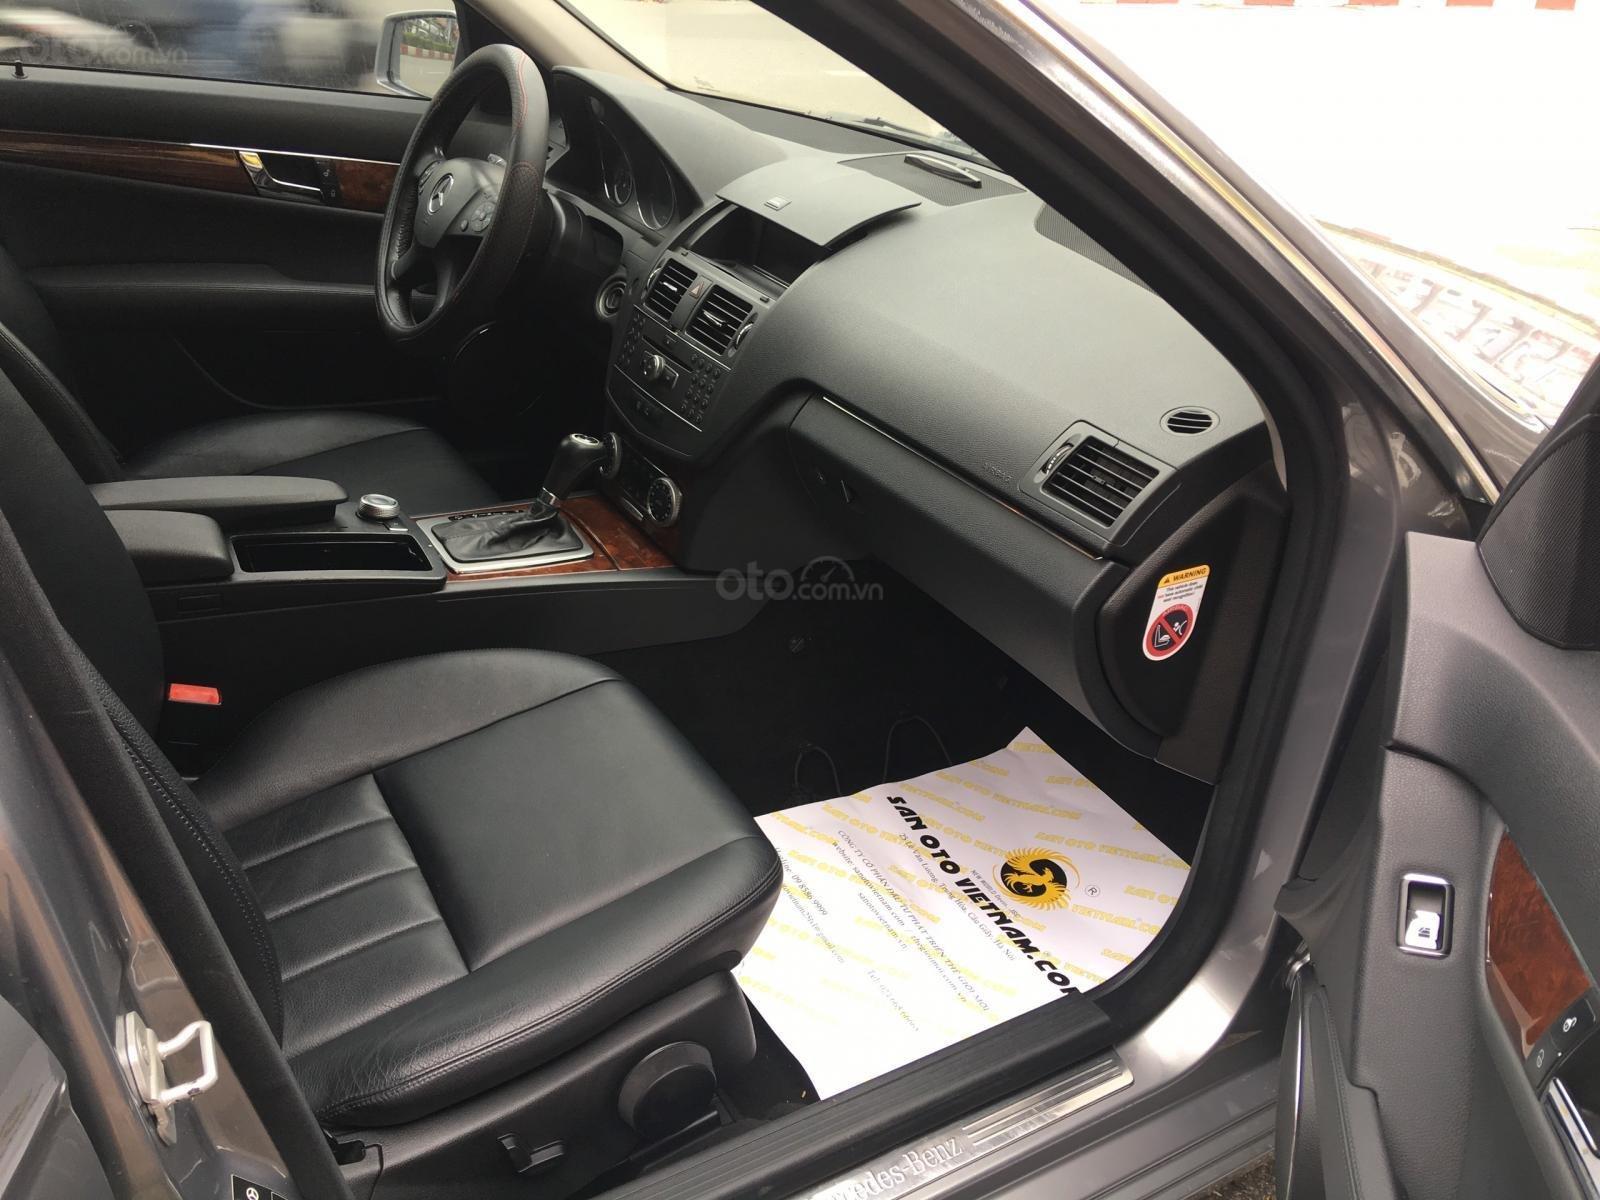 Bán ô tô Mercedes C250 CGI 2011, màu xám (ghi)-3